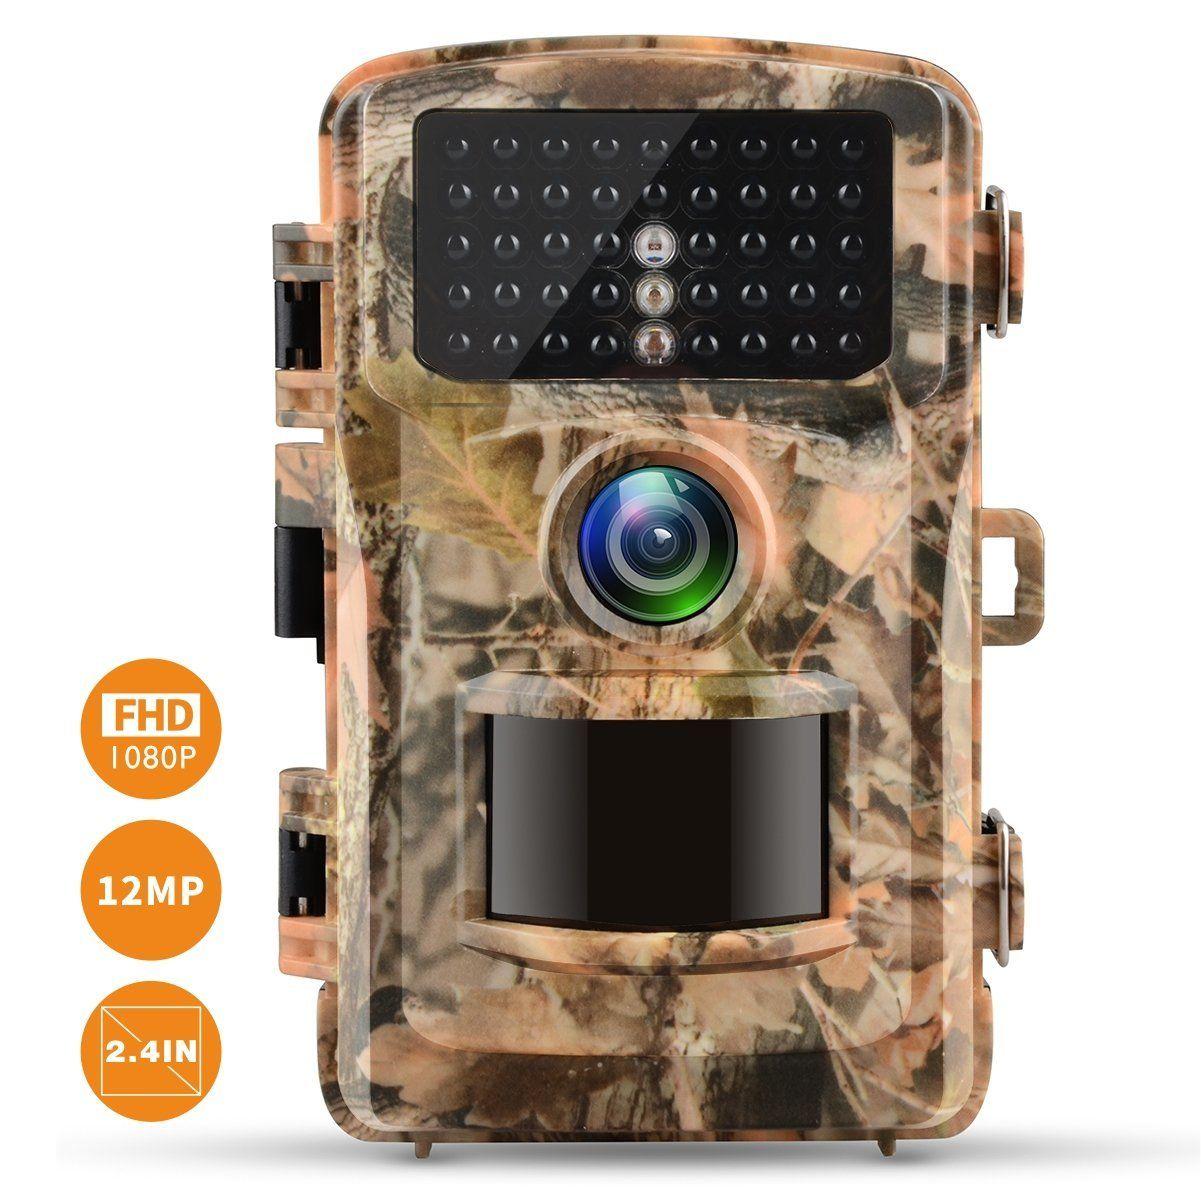 4d2a90e1f33 best game camera 2019 game camera stealth cam moultrie game cameras trail  camera hunting cameras deer camera wildlife camera cheap game cameras best  camera ...